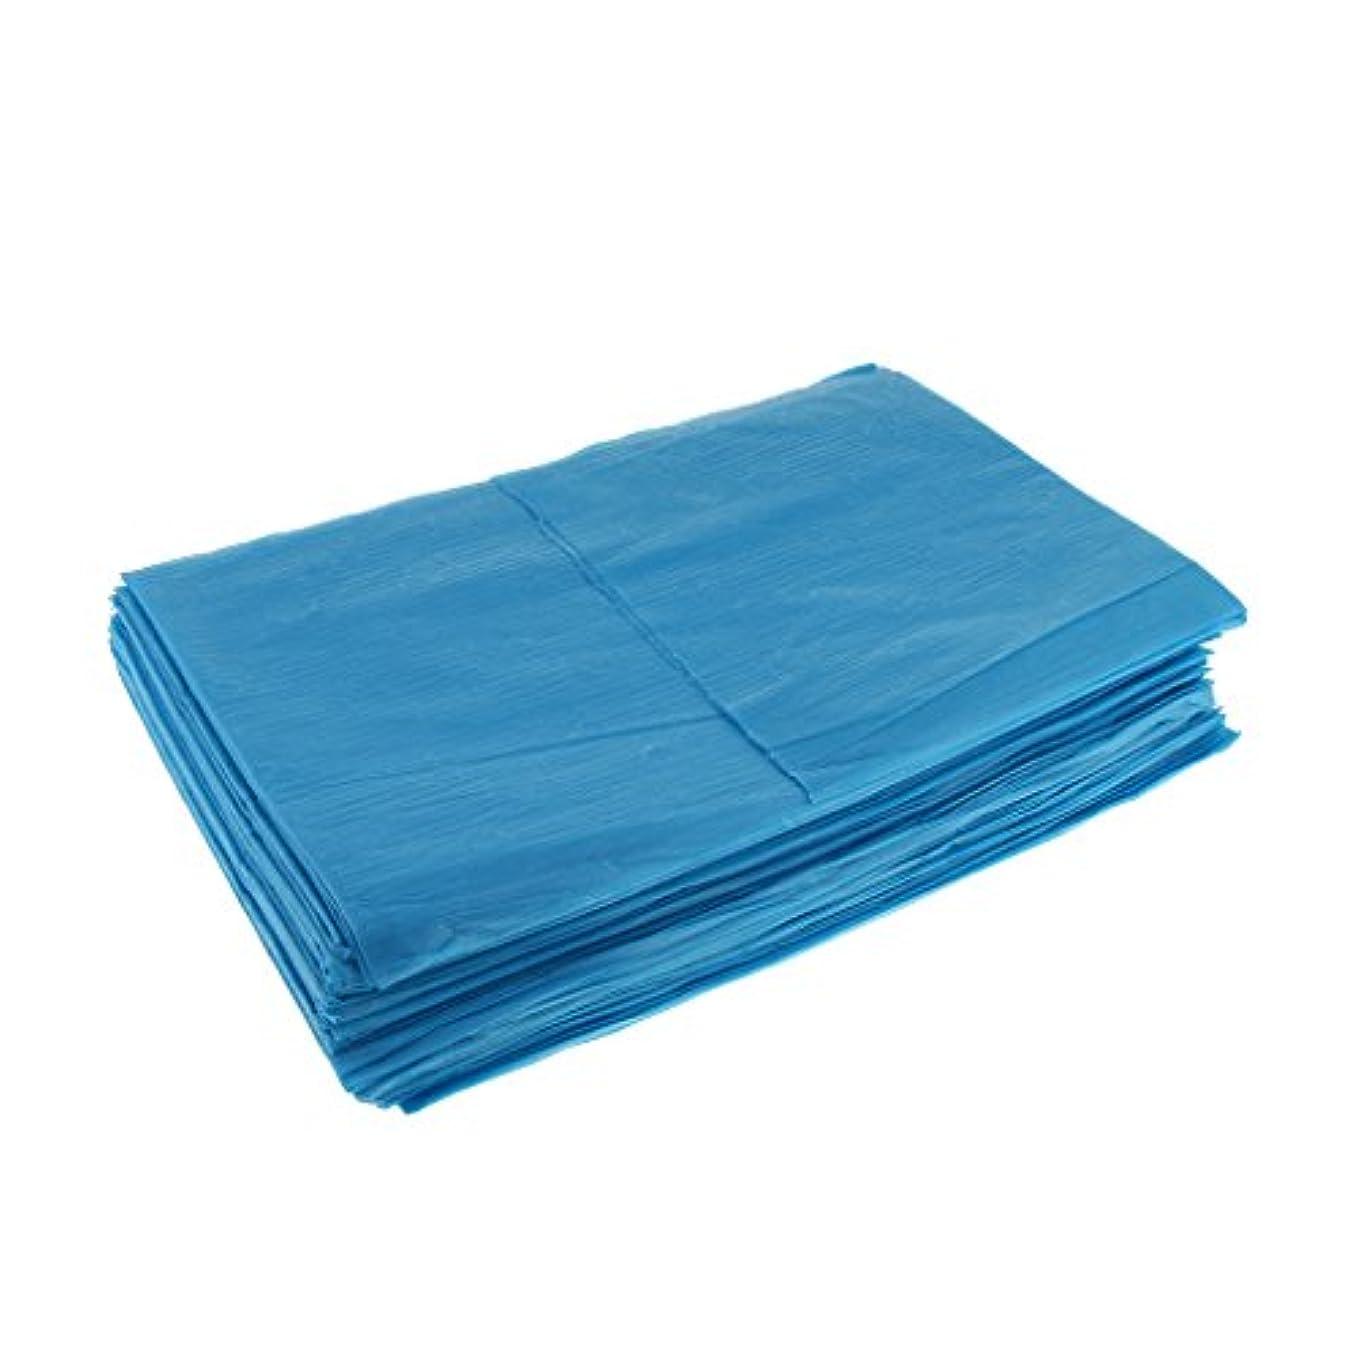 改修する種をまく極端な10枚 使い捨てベッドシーツ 使い捨て 美容 マッサージ サロン ホテル ベッドパッド カバー シート 2色選べ - 青